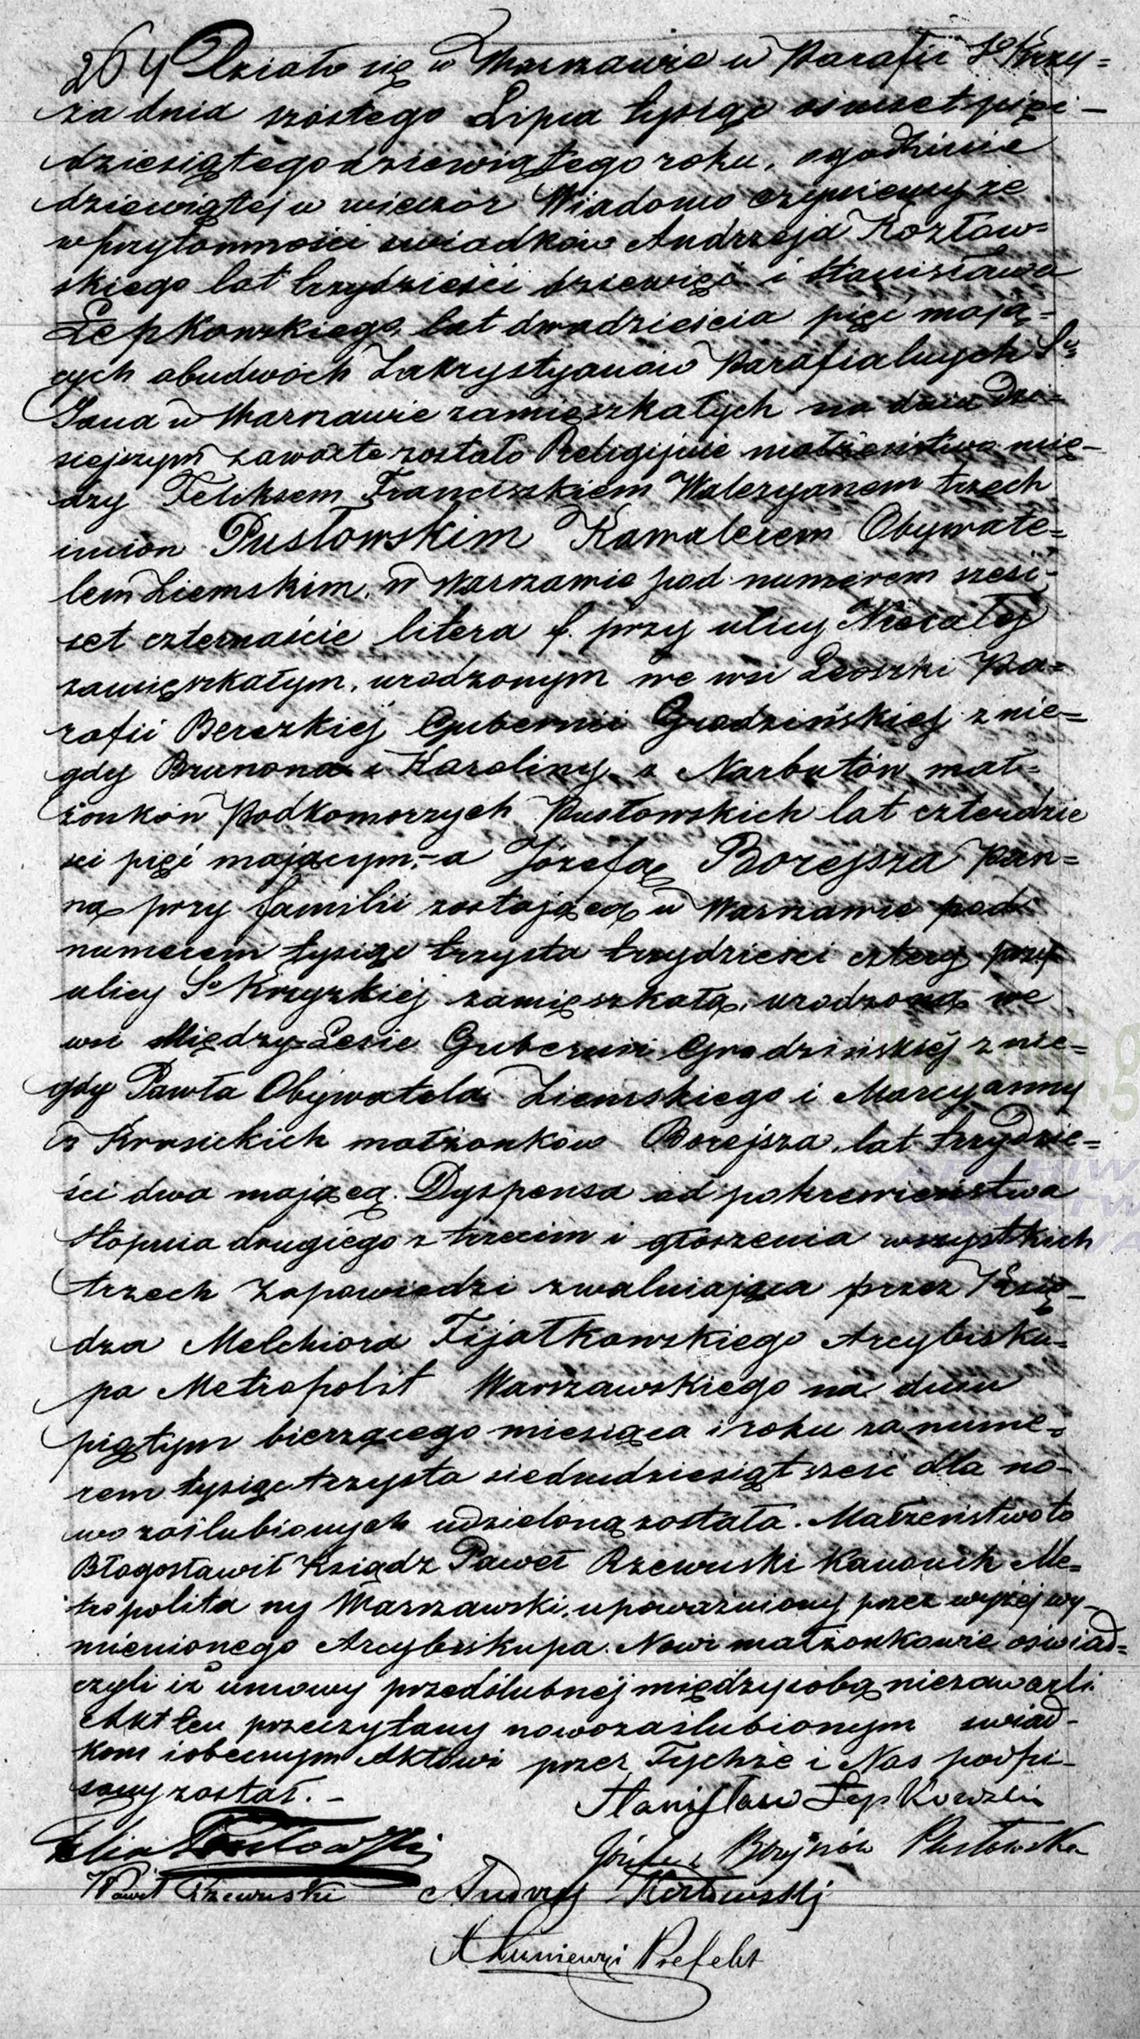 Akt stanu cywilnego małżeństwa Feliks Franciszek Walezyan Pusłowski & Józefa Borejsza 06.07.1859 r.